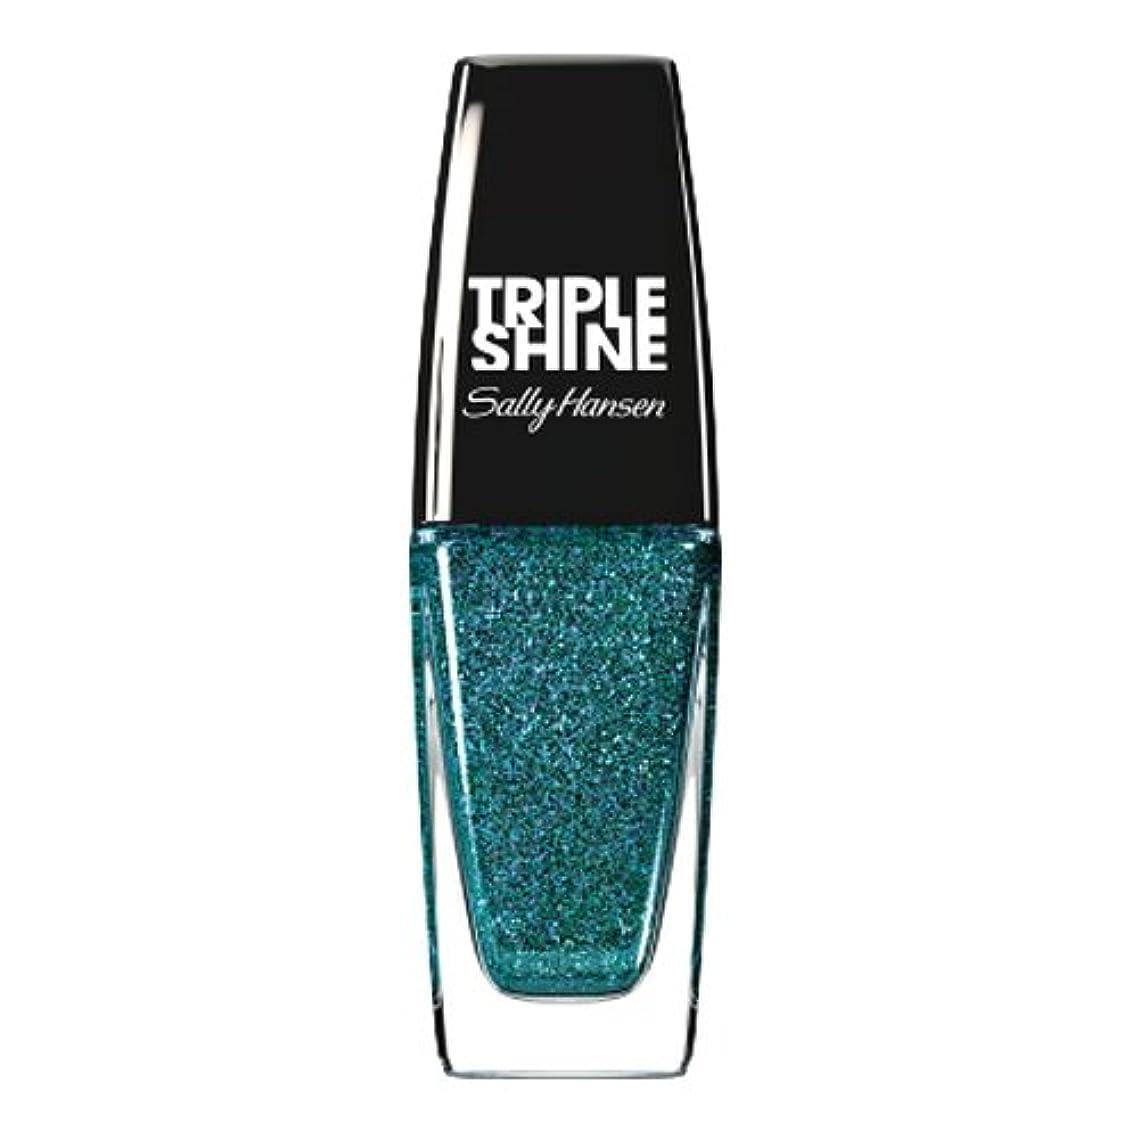 代わりにを立てるジョセフバンクスまっすぐSALLY HANSEN Triple Shine Nail Polish - Sparkling Water (並行輸入品)